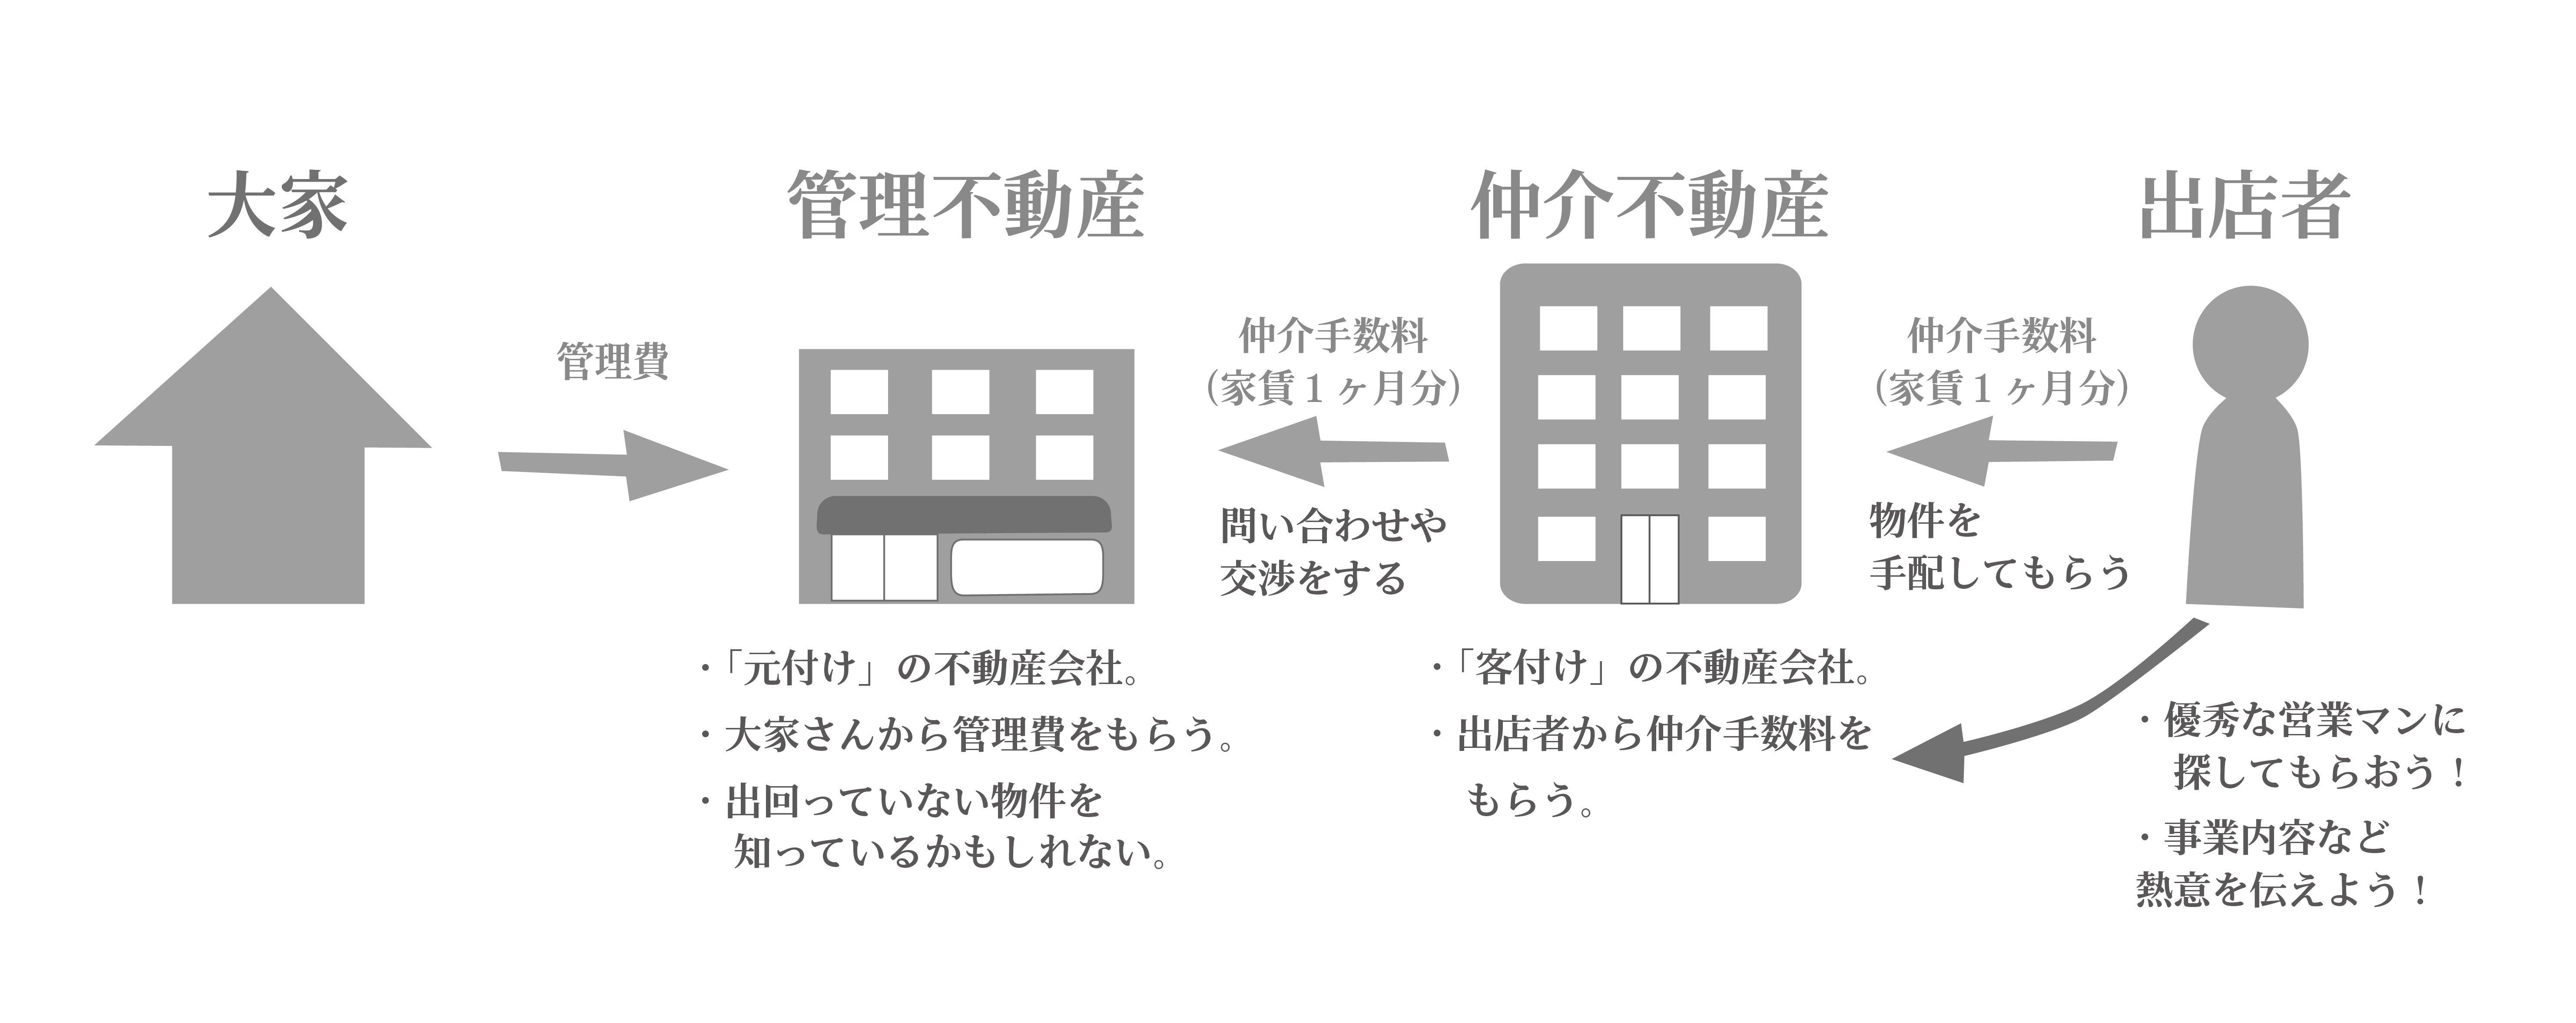 管理不動産と仲介不動産の図-01